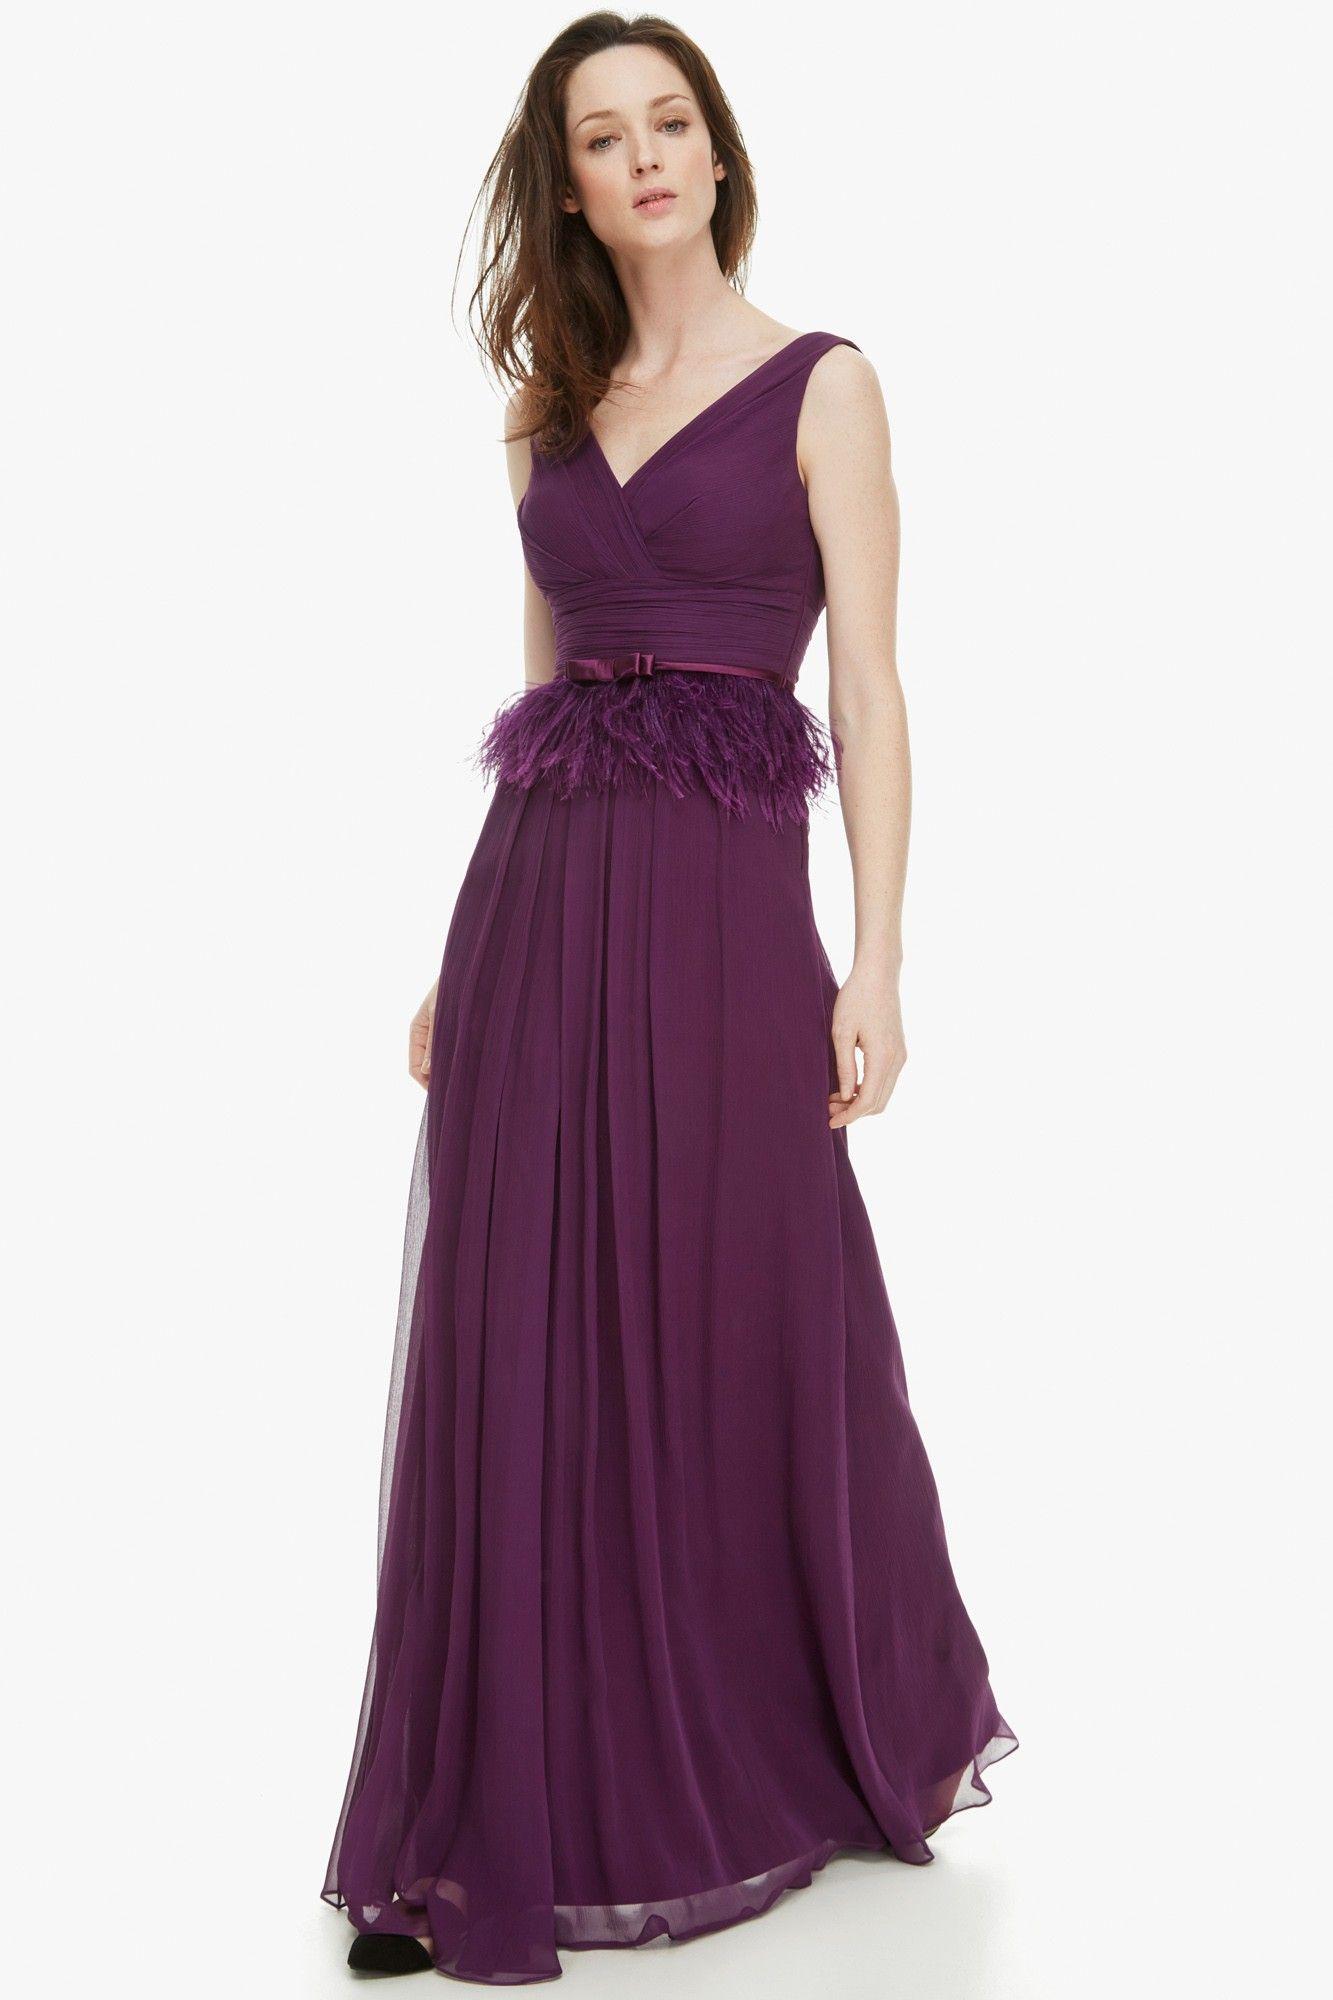 Vestido de seda con escote romántico - Vestidos | Adolfo Dominguez ...